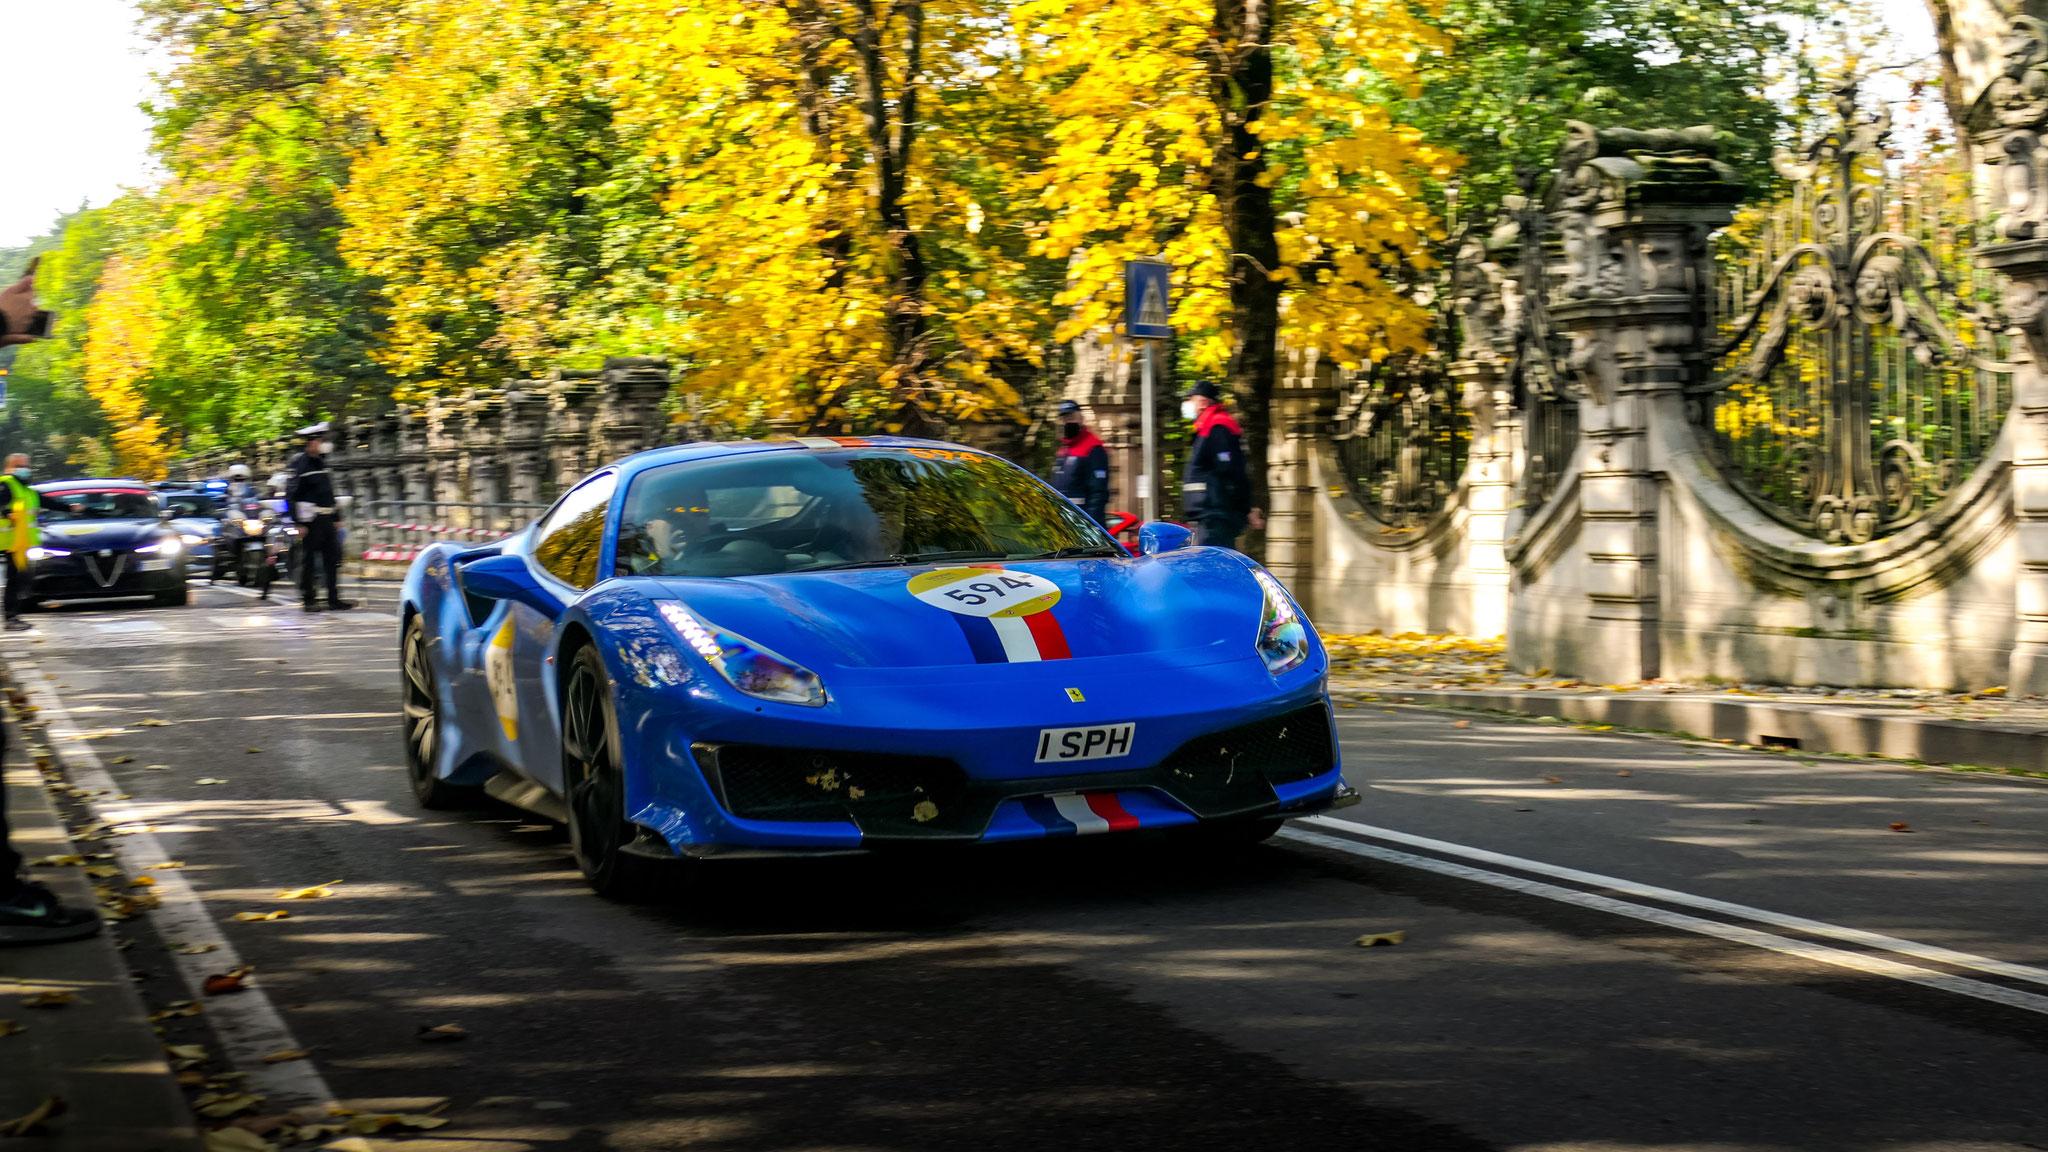 Ferrari 488 Pista - 1-SPH (GB)